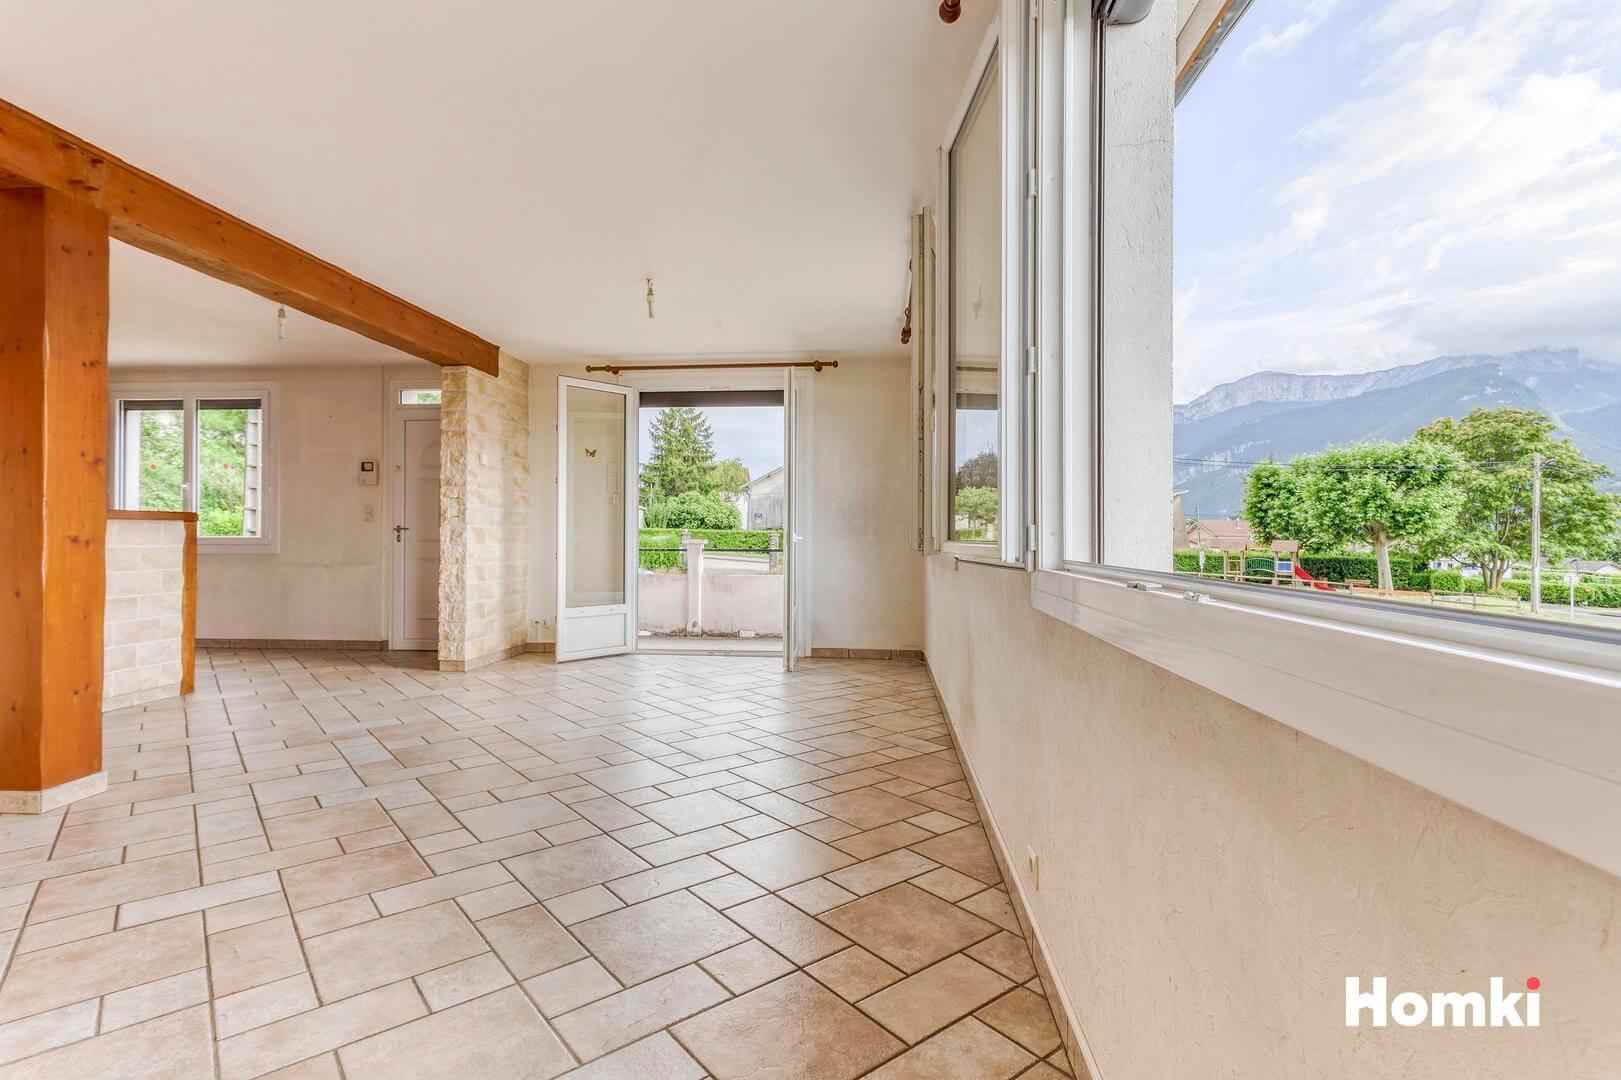 Homki - Vente Maison/villa  de 110.0 m² à Voreppe 38340